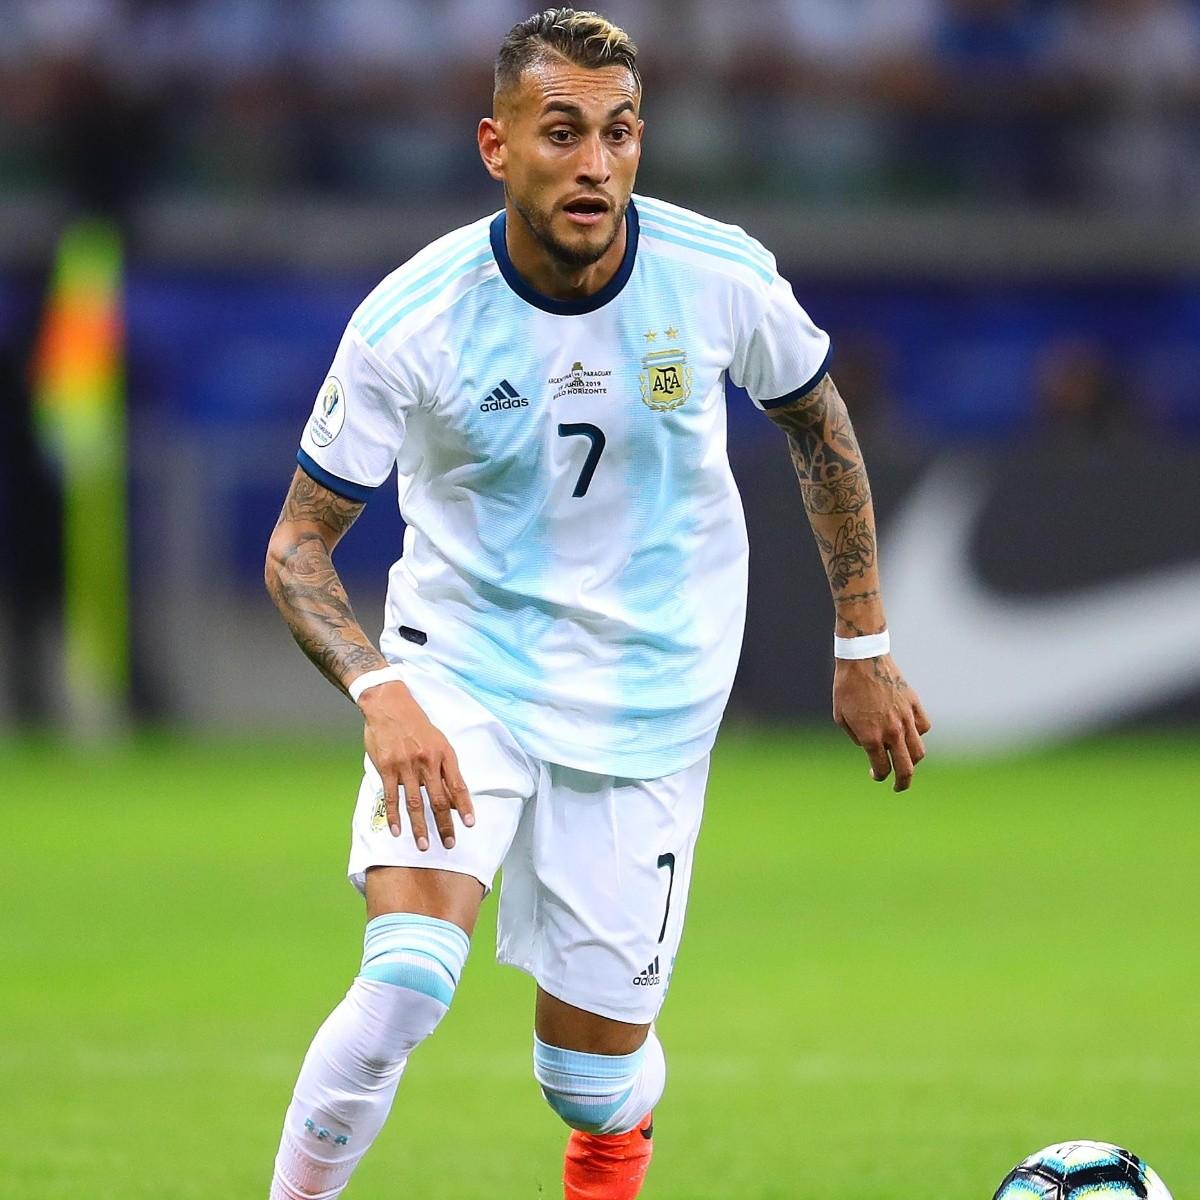 Argentina se mide ante Alemania: formaciones, horario y TV | La Página Millonaria